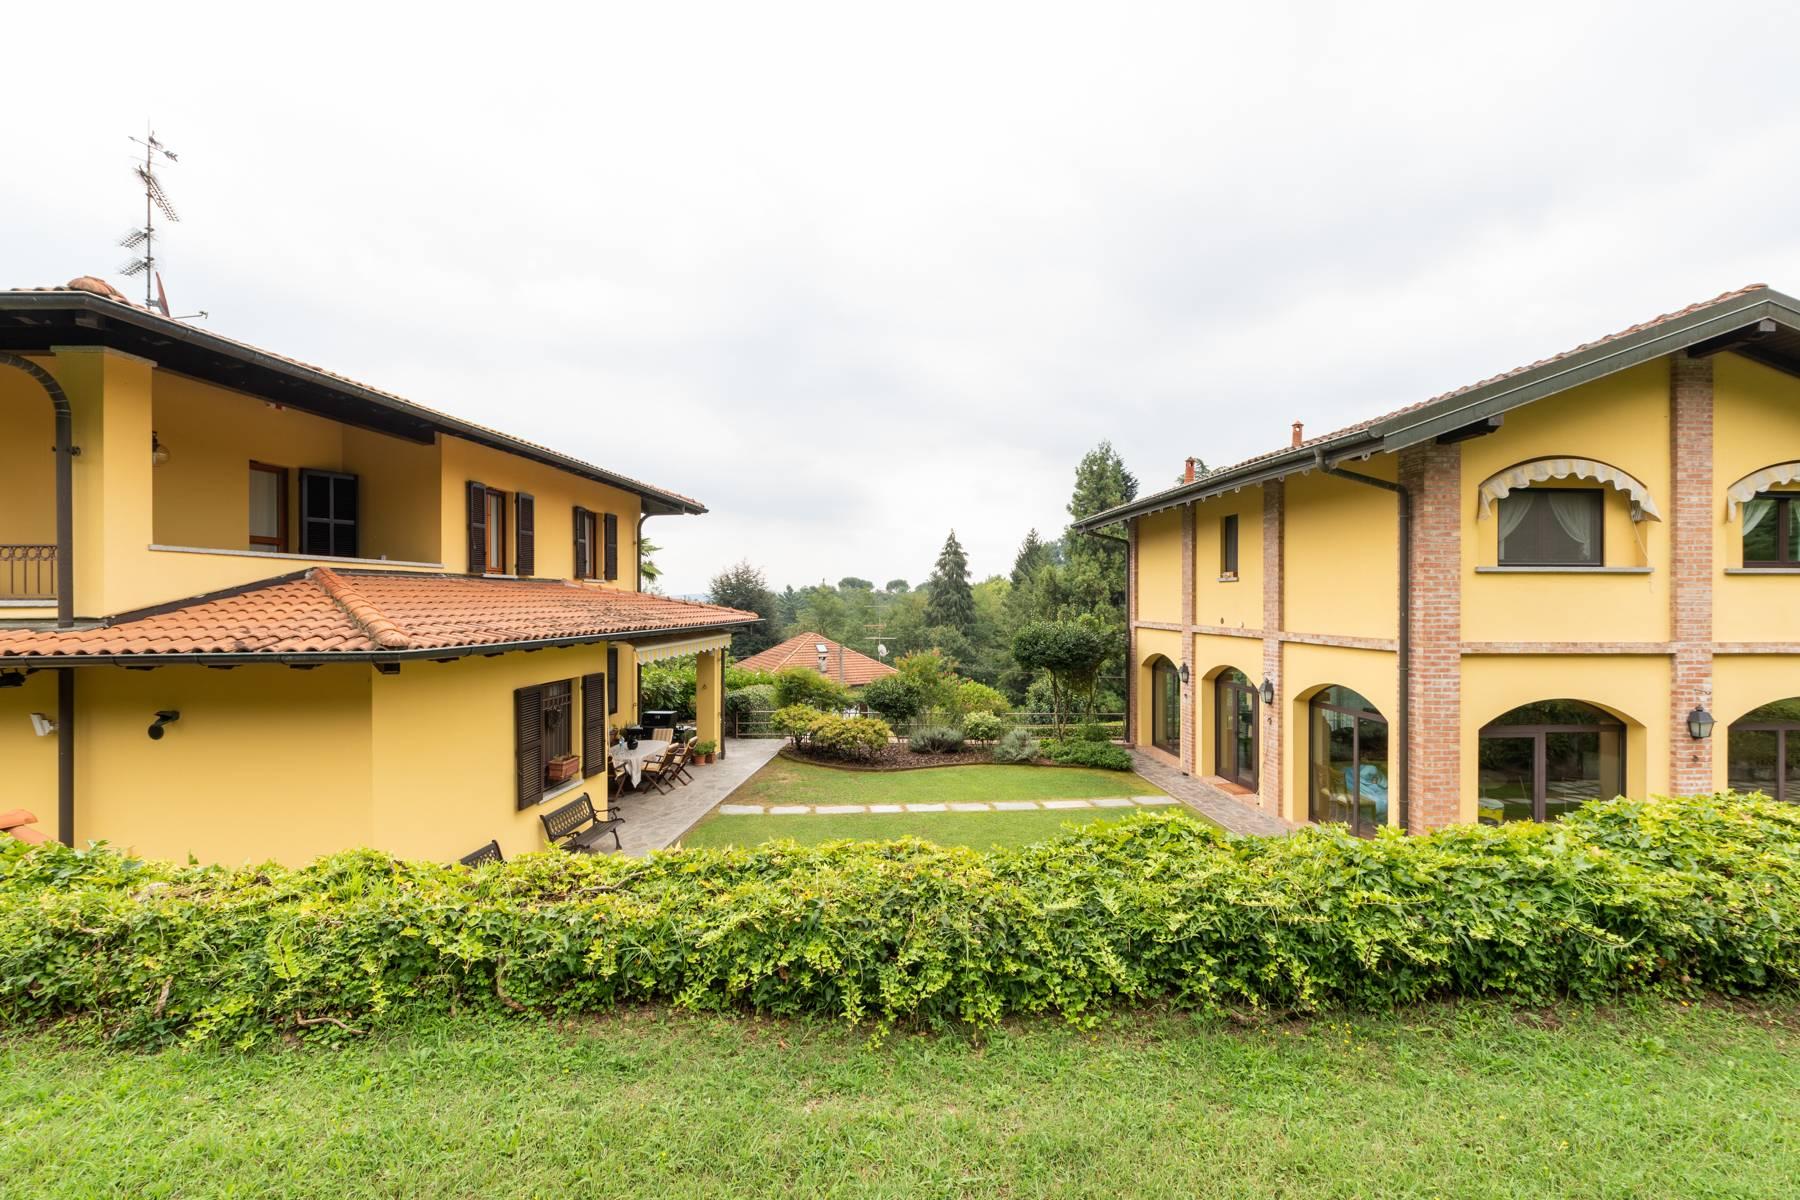 Villa in Vendita a Arona: 5 locali, 350 mq - Foto 5